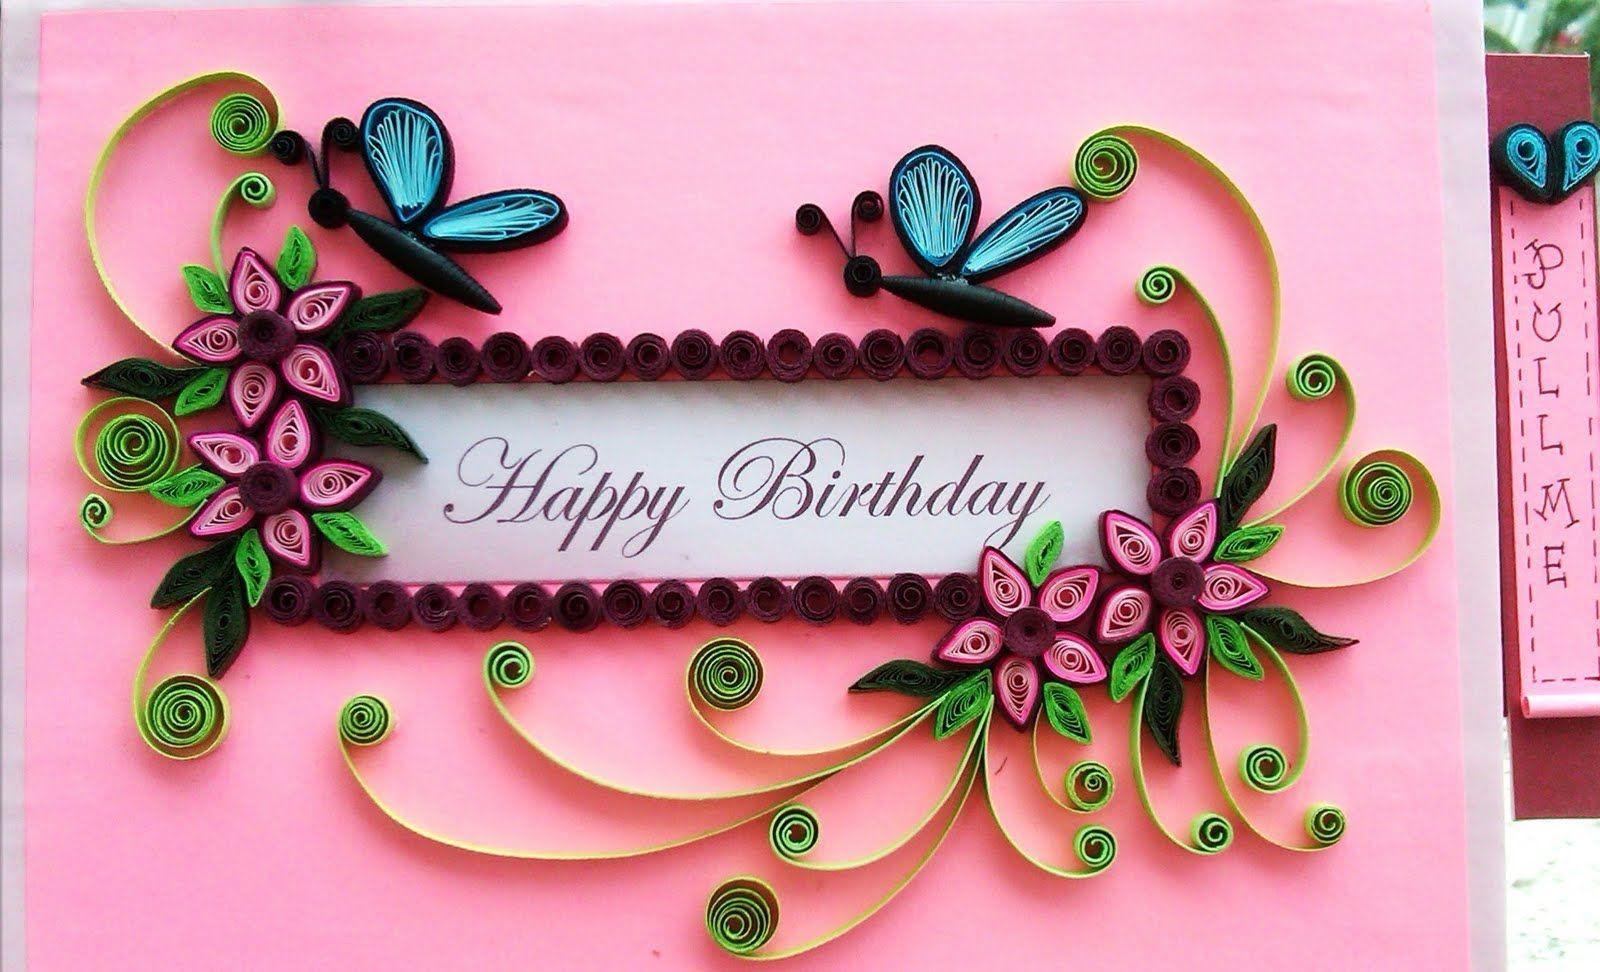 красивая открытка с днем рождения в стиле квиллинг находится